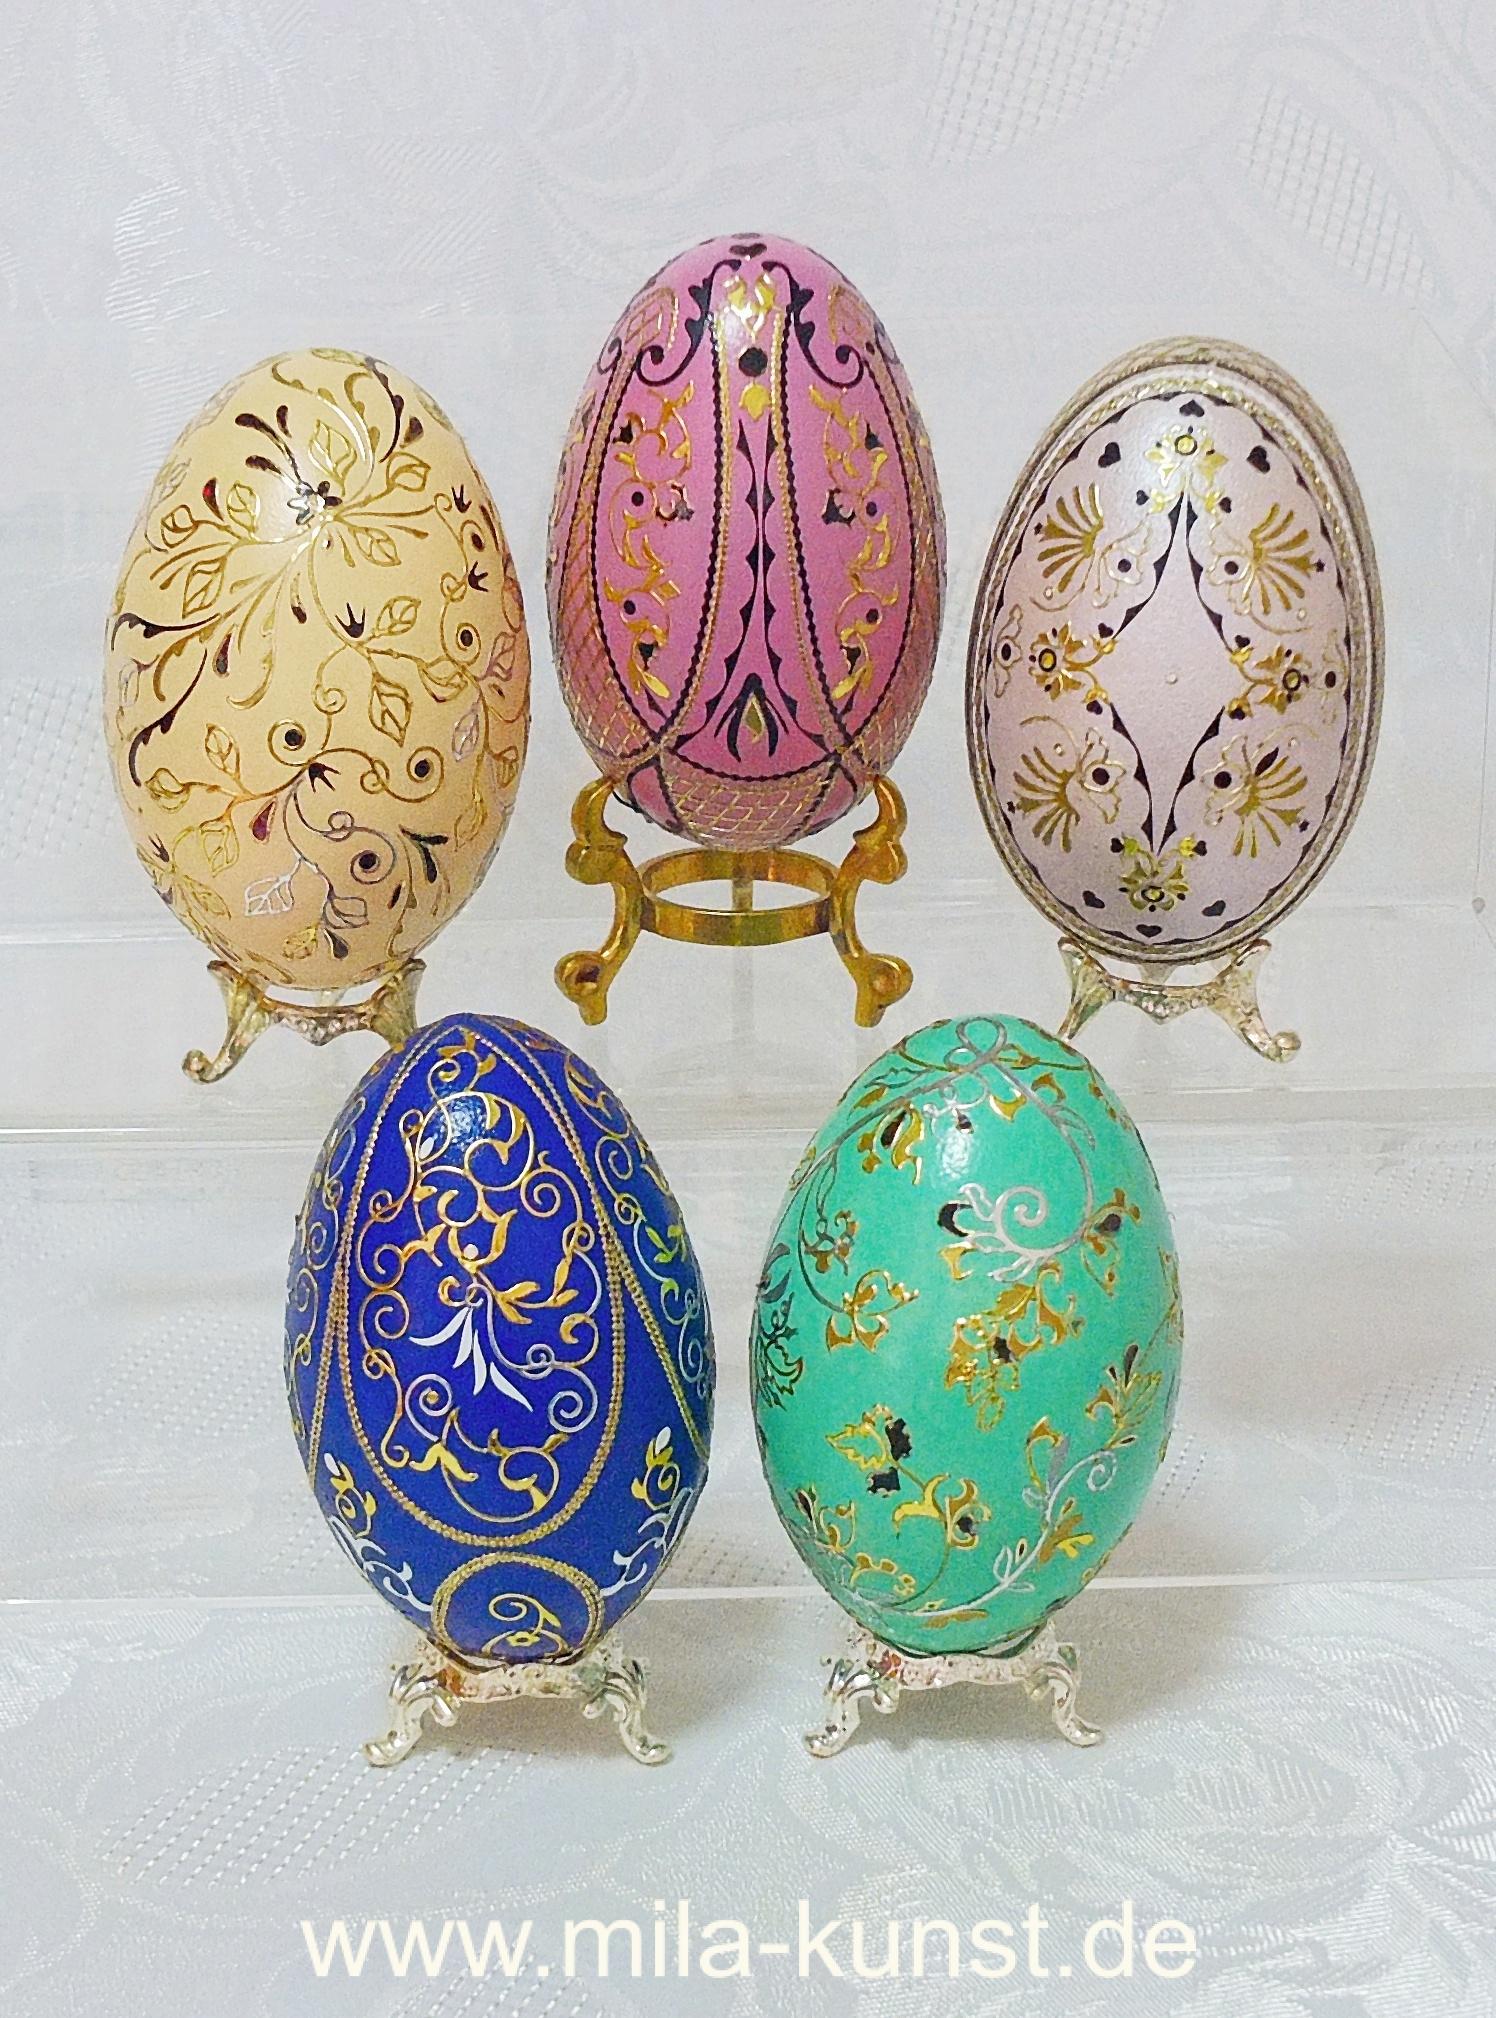 Arabesken auf Ei - Eiergruppe 2020